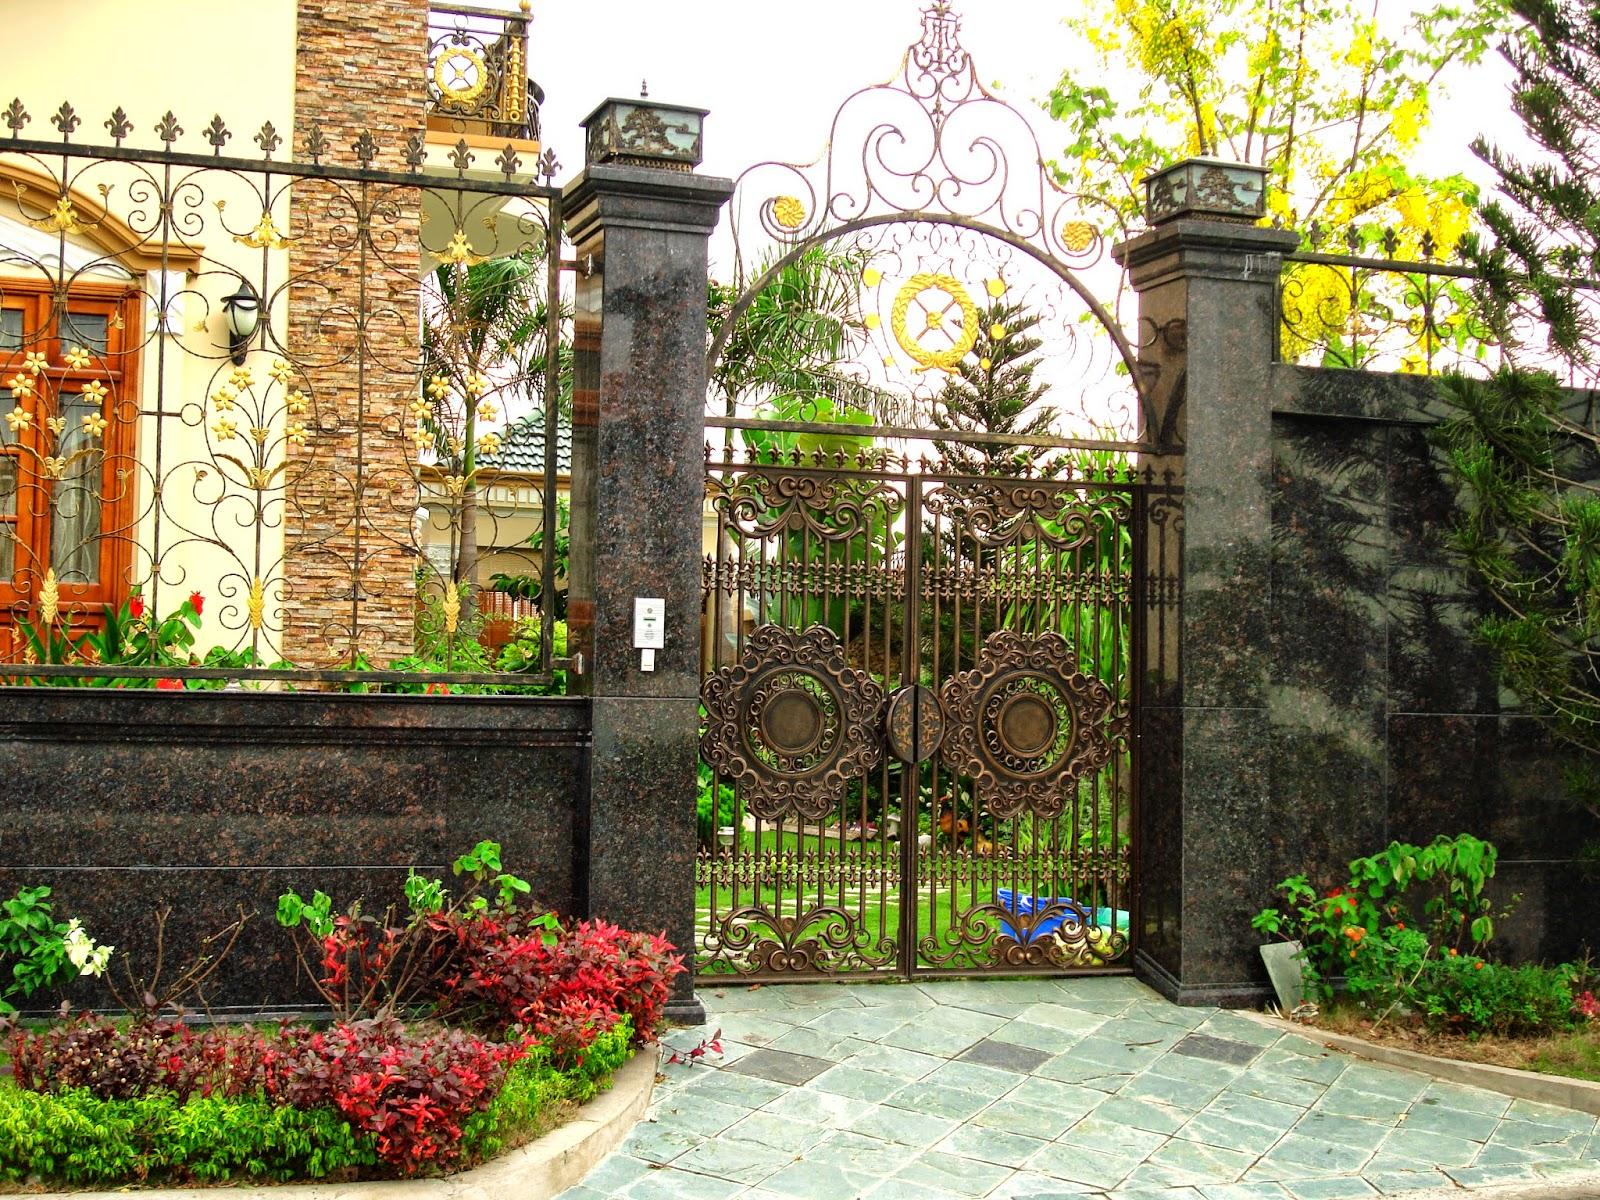 Bên cạnh kích thước, gia chủ cần học cách bố trí cổng vào nhà từ vị trí cổng, kiểu dáng đến đường dẫn từ cổng vào biệt thự